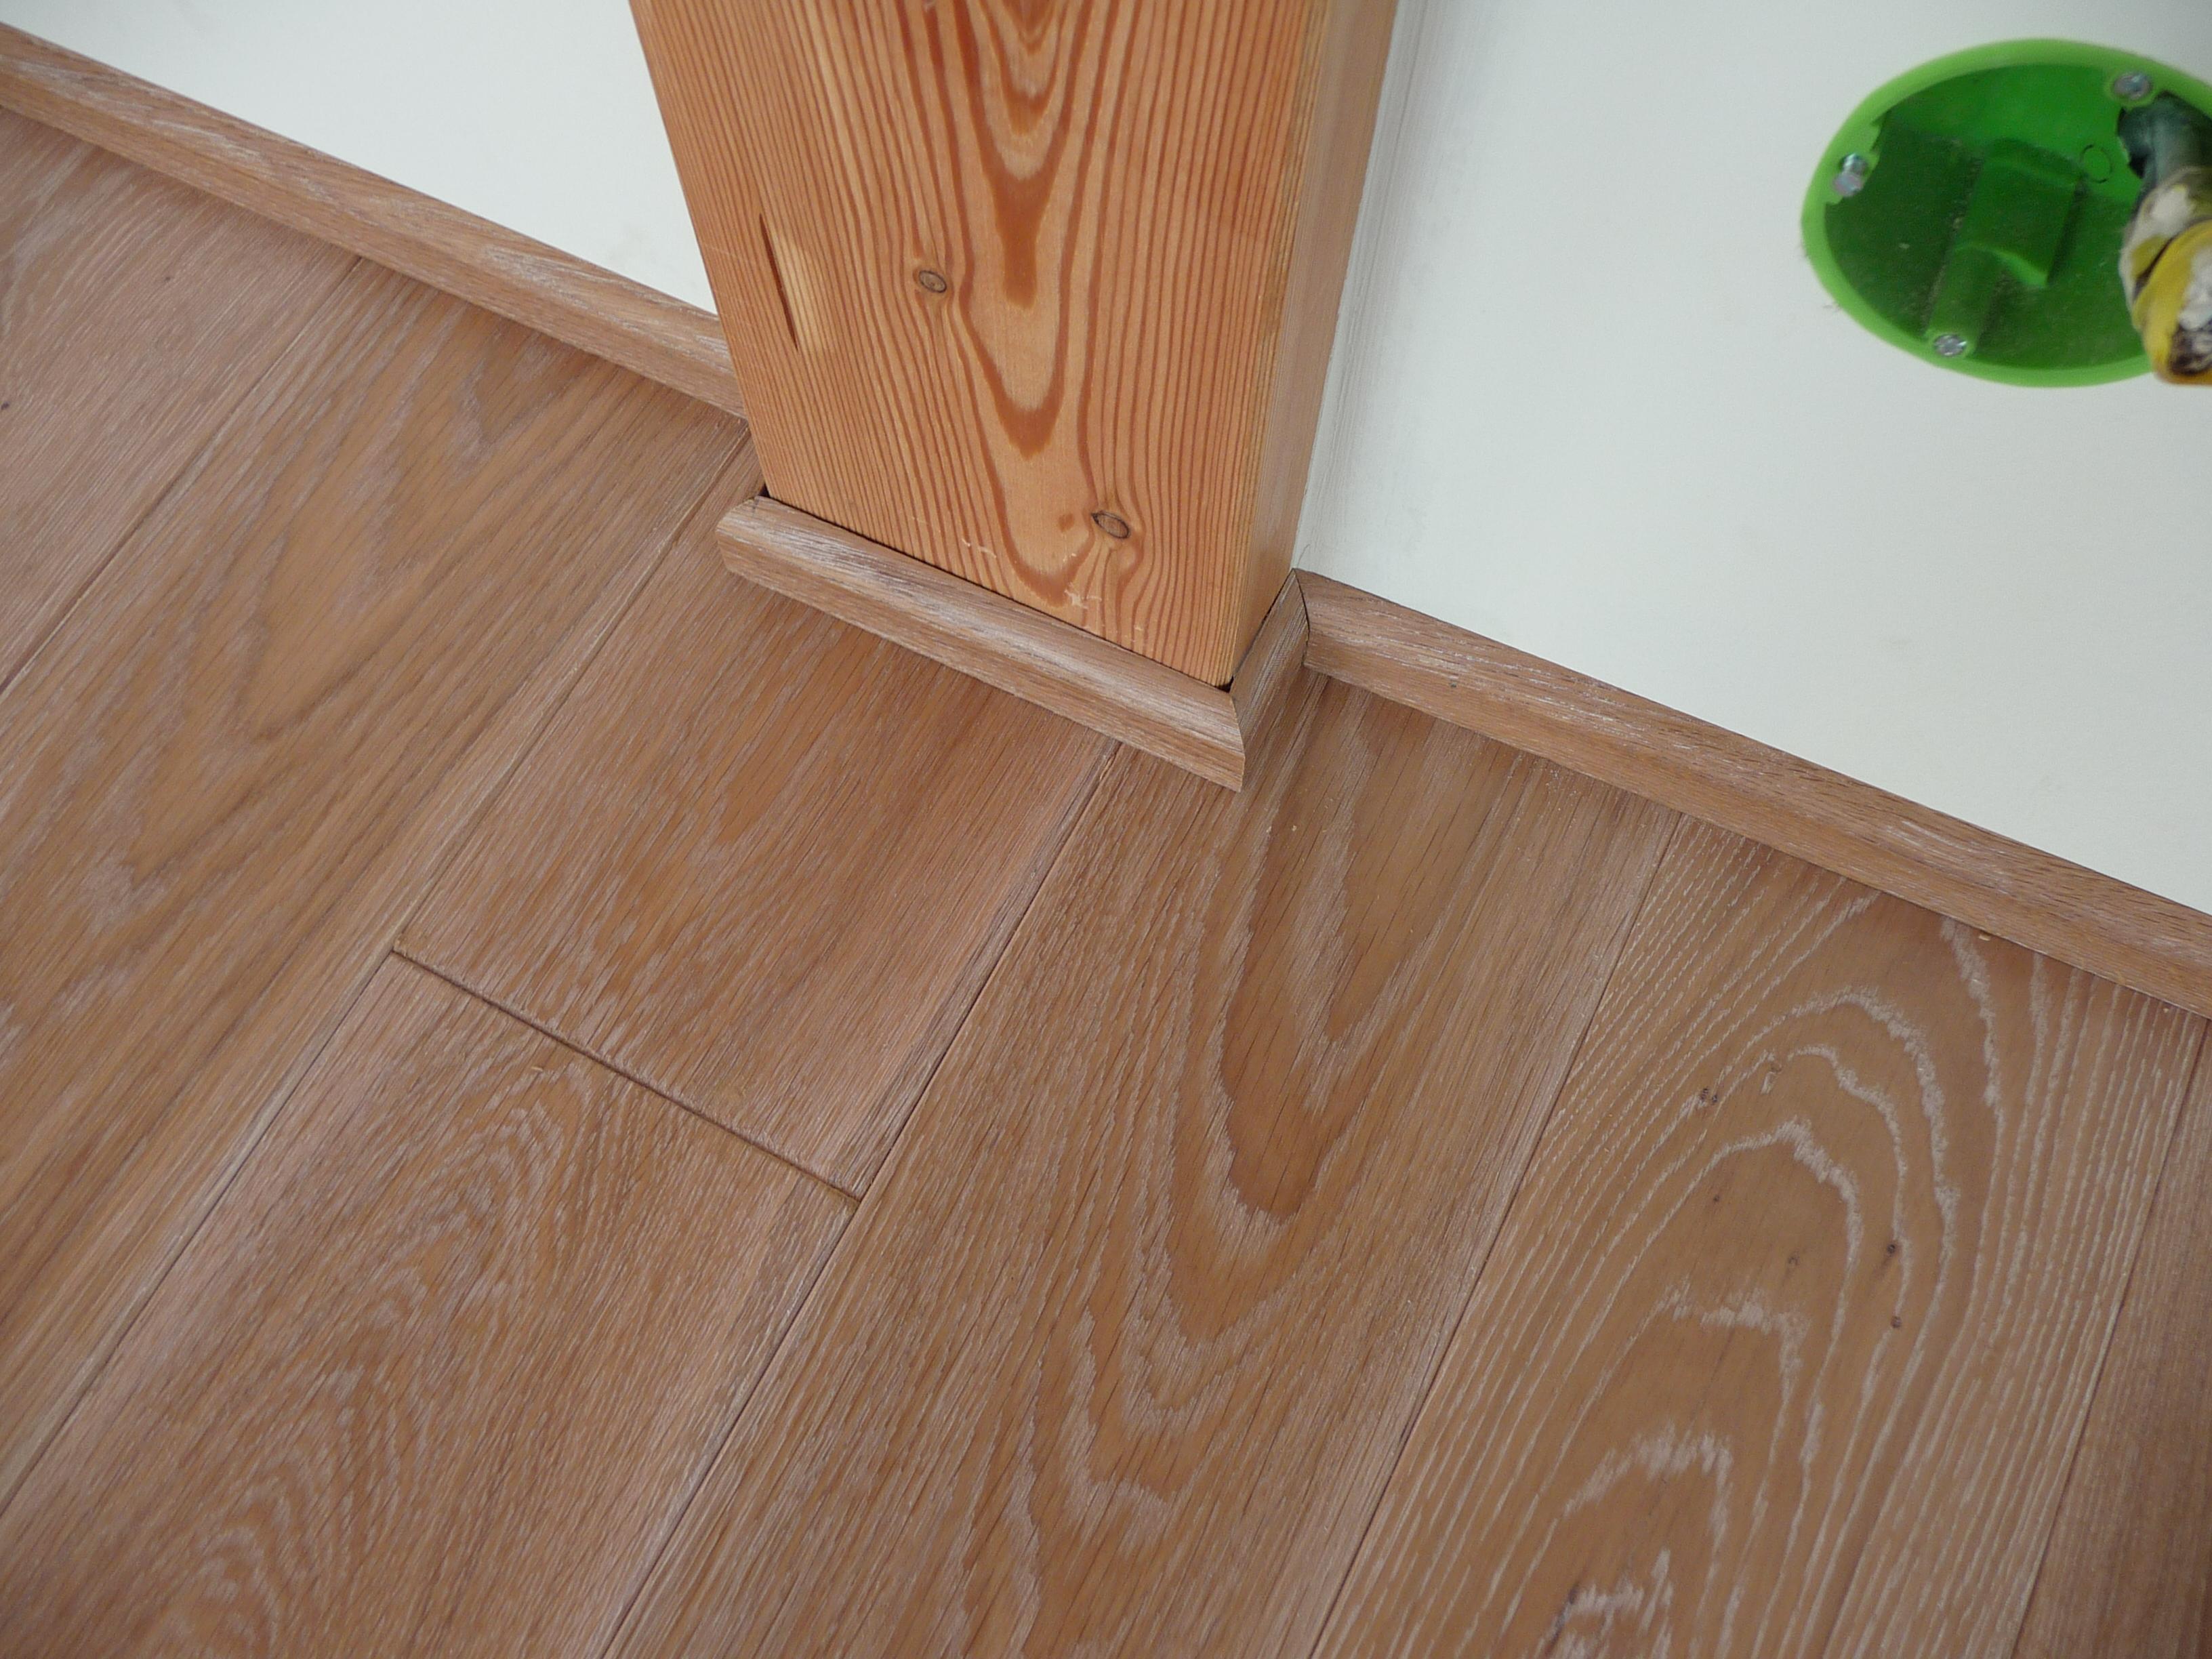 Zalištování dřevěné podlahy